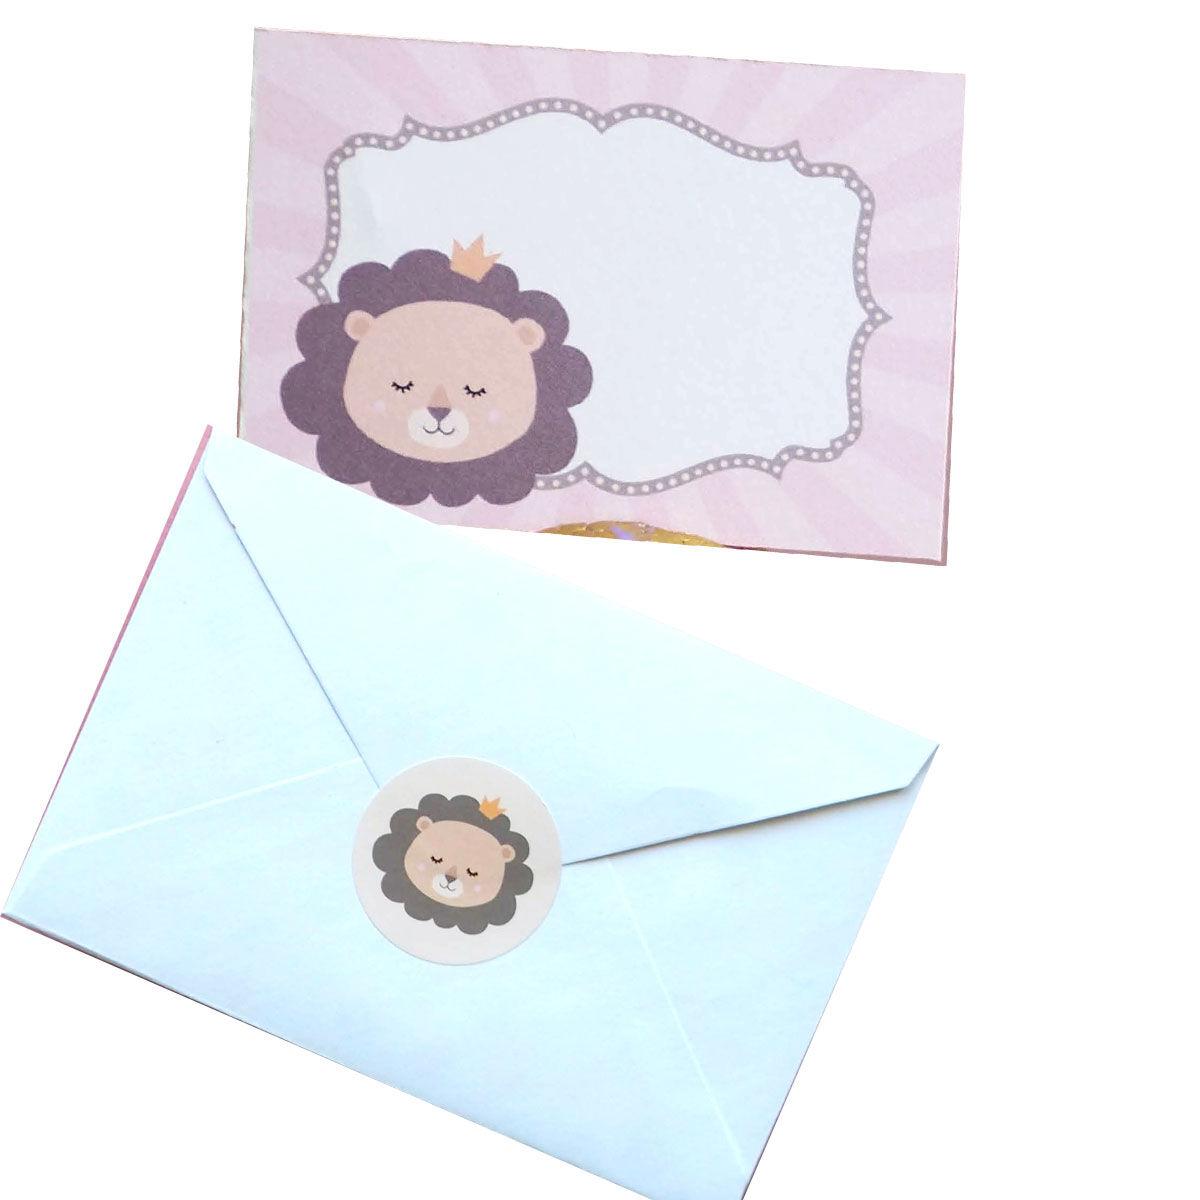 10 cartes simples - Lion - avec enveloppes et stickers